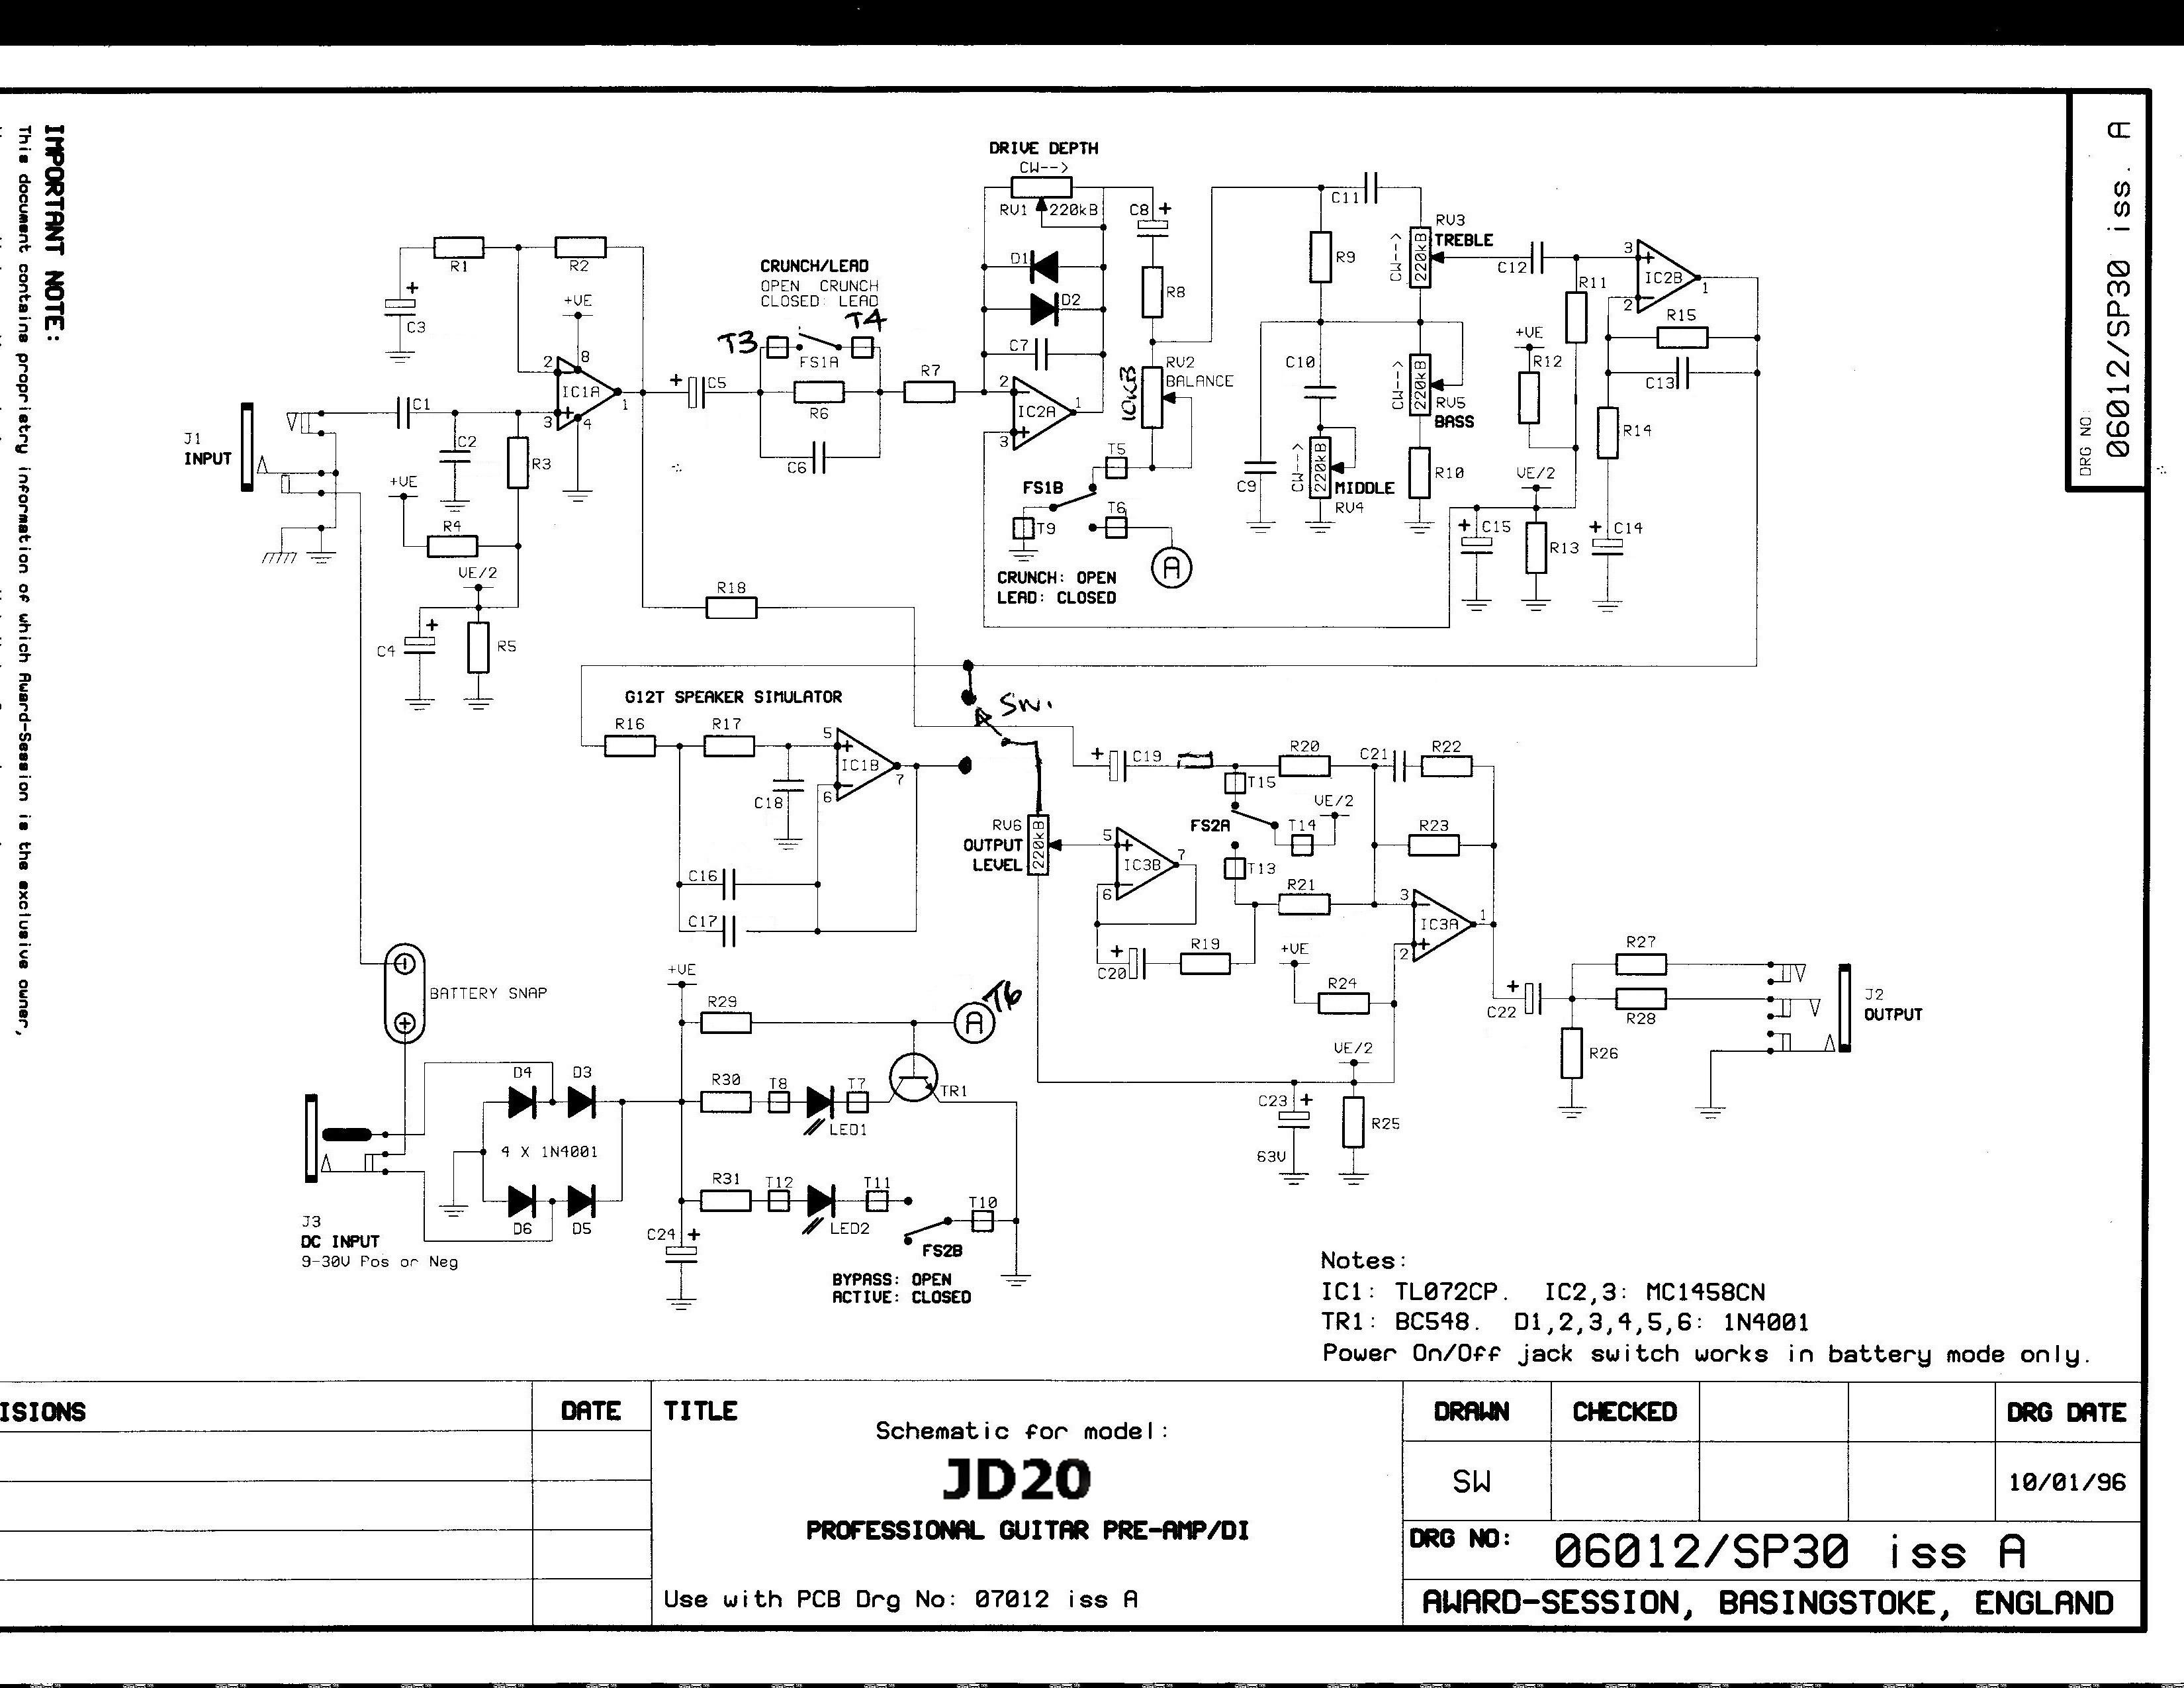 Tda 2040 25w Audio Amp Schematic Schematics Of Tda 2040 25w Audio Amp Schematic